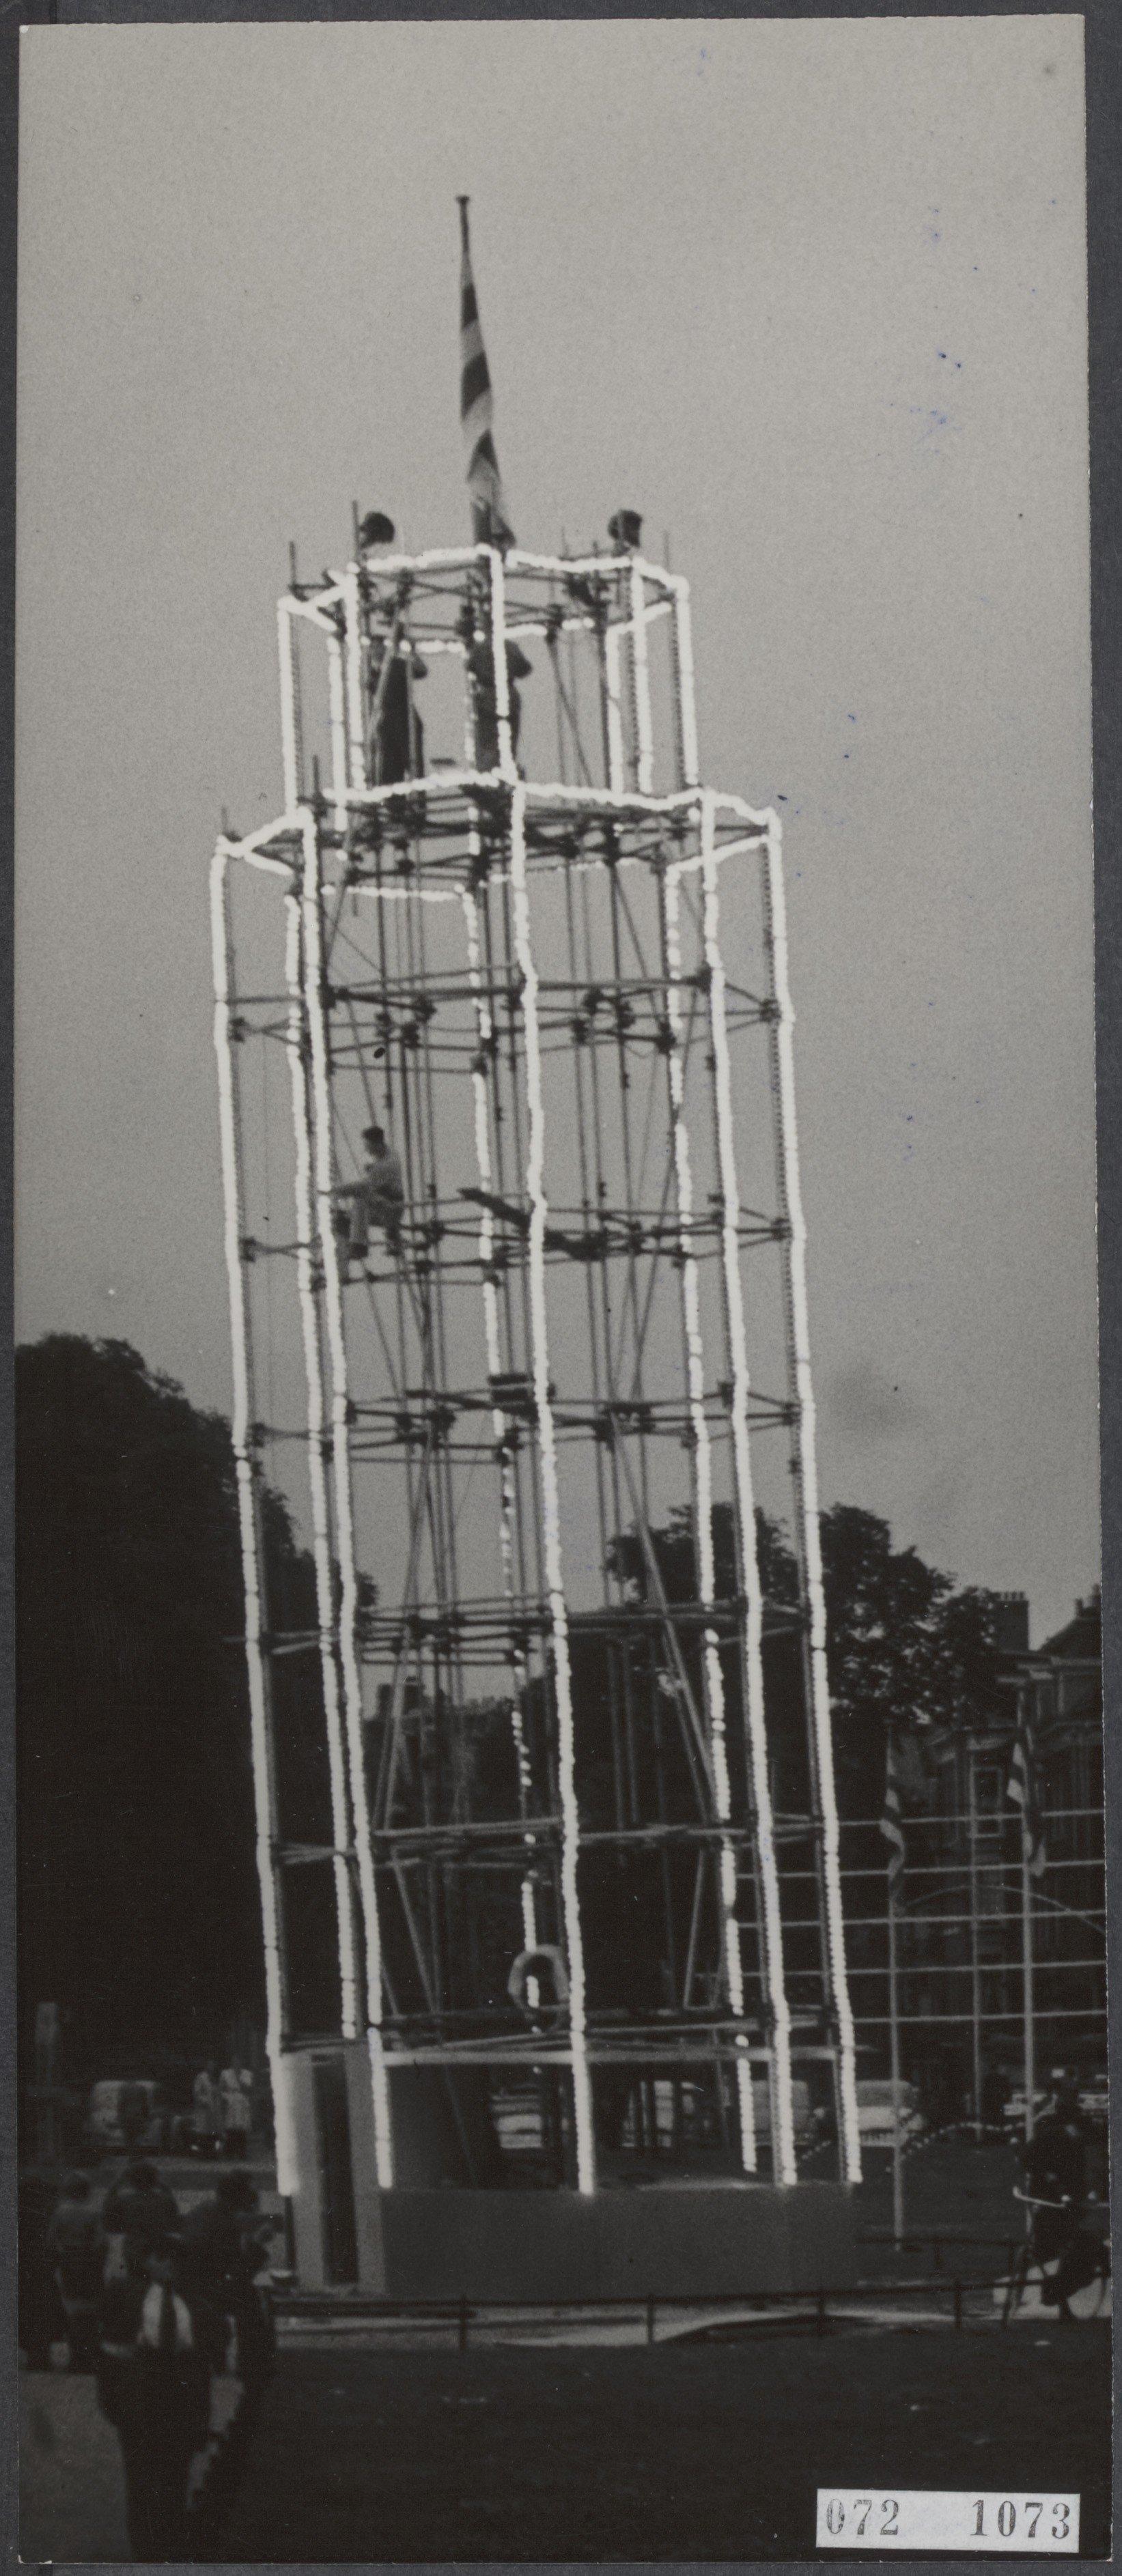 filede verlichte scheve toren van pisa op het frederiksplein te amsterdam onderdeel